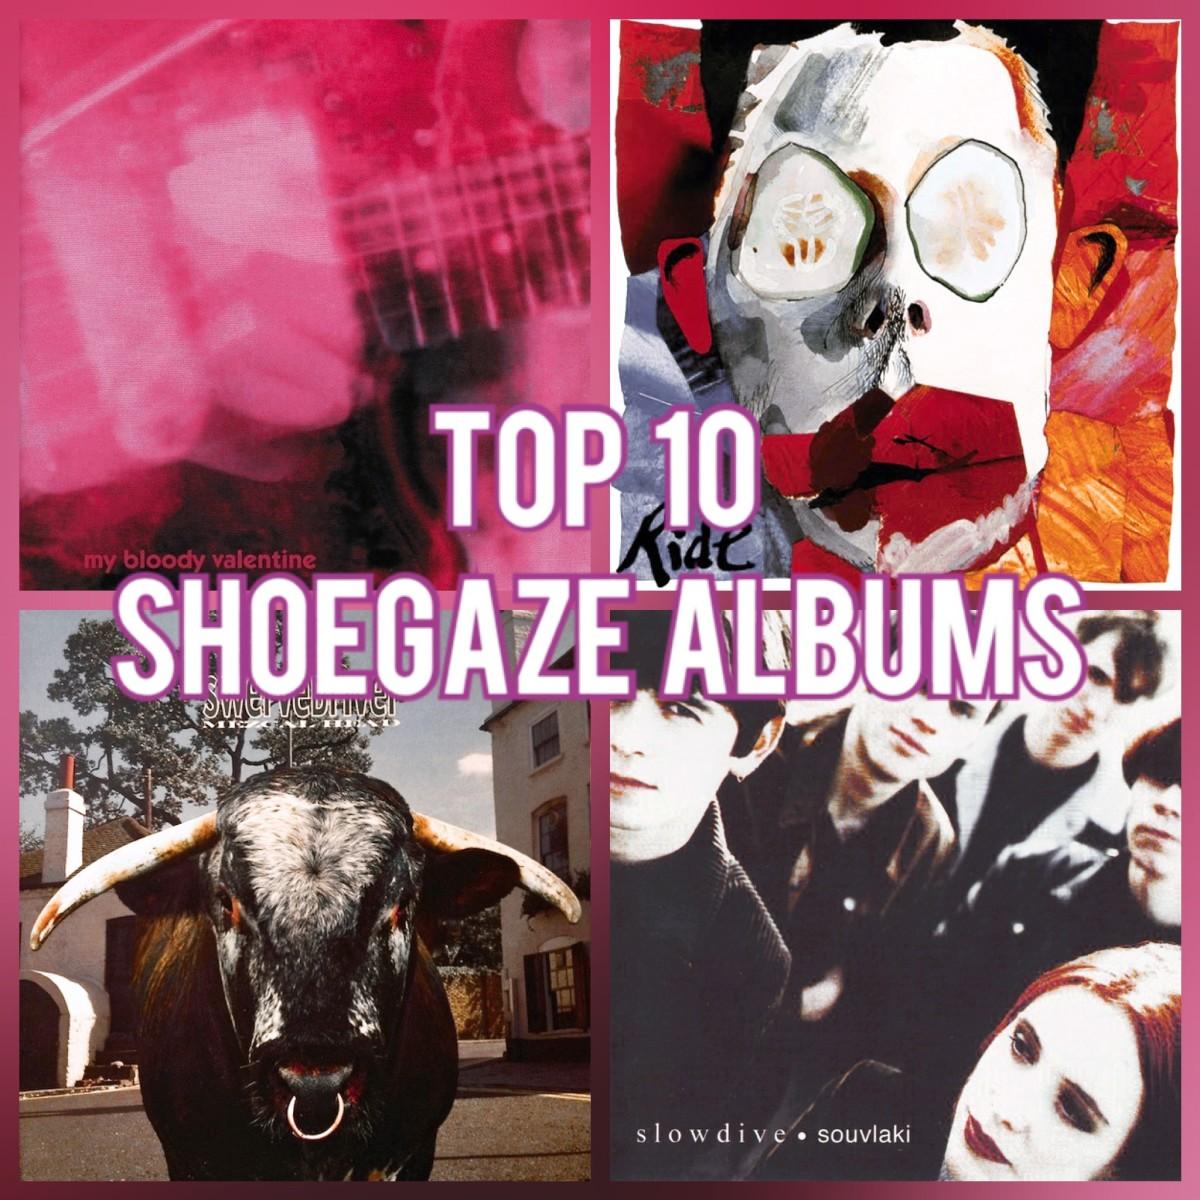 Top 10 Shoegaze Albums